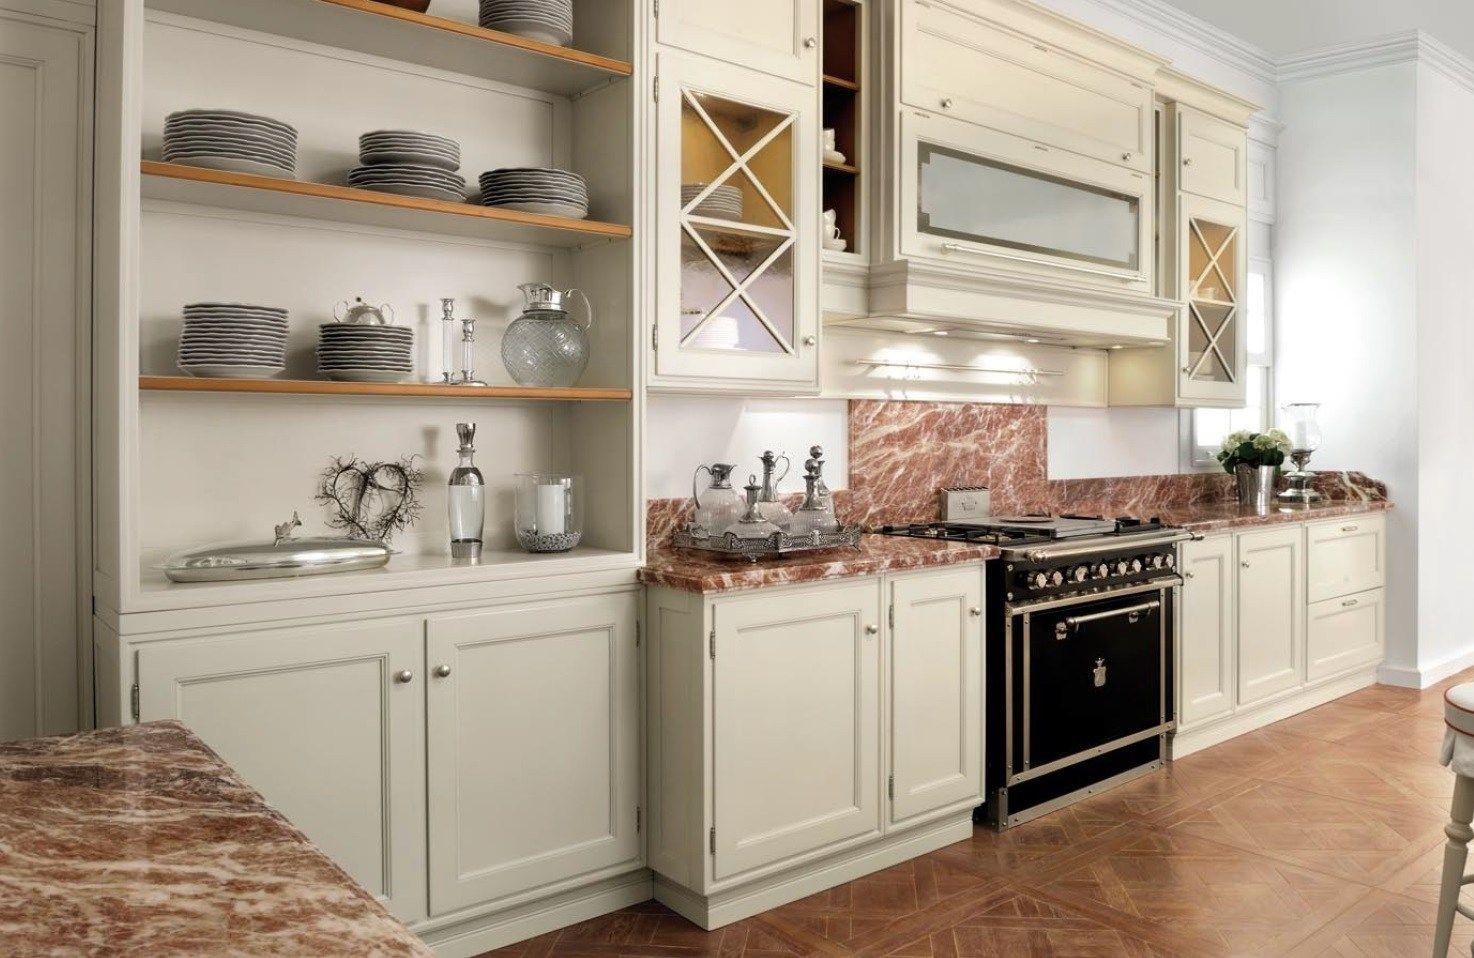 Cucina laccata in legno massello in stile americano park for Arredamenti americani